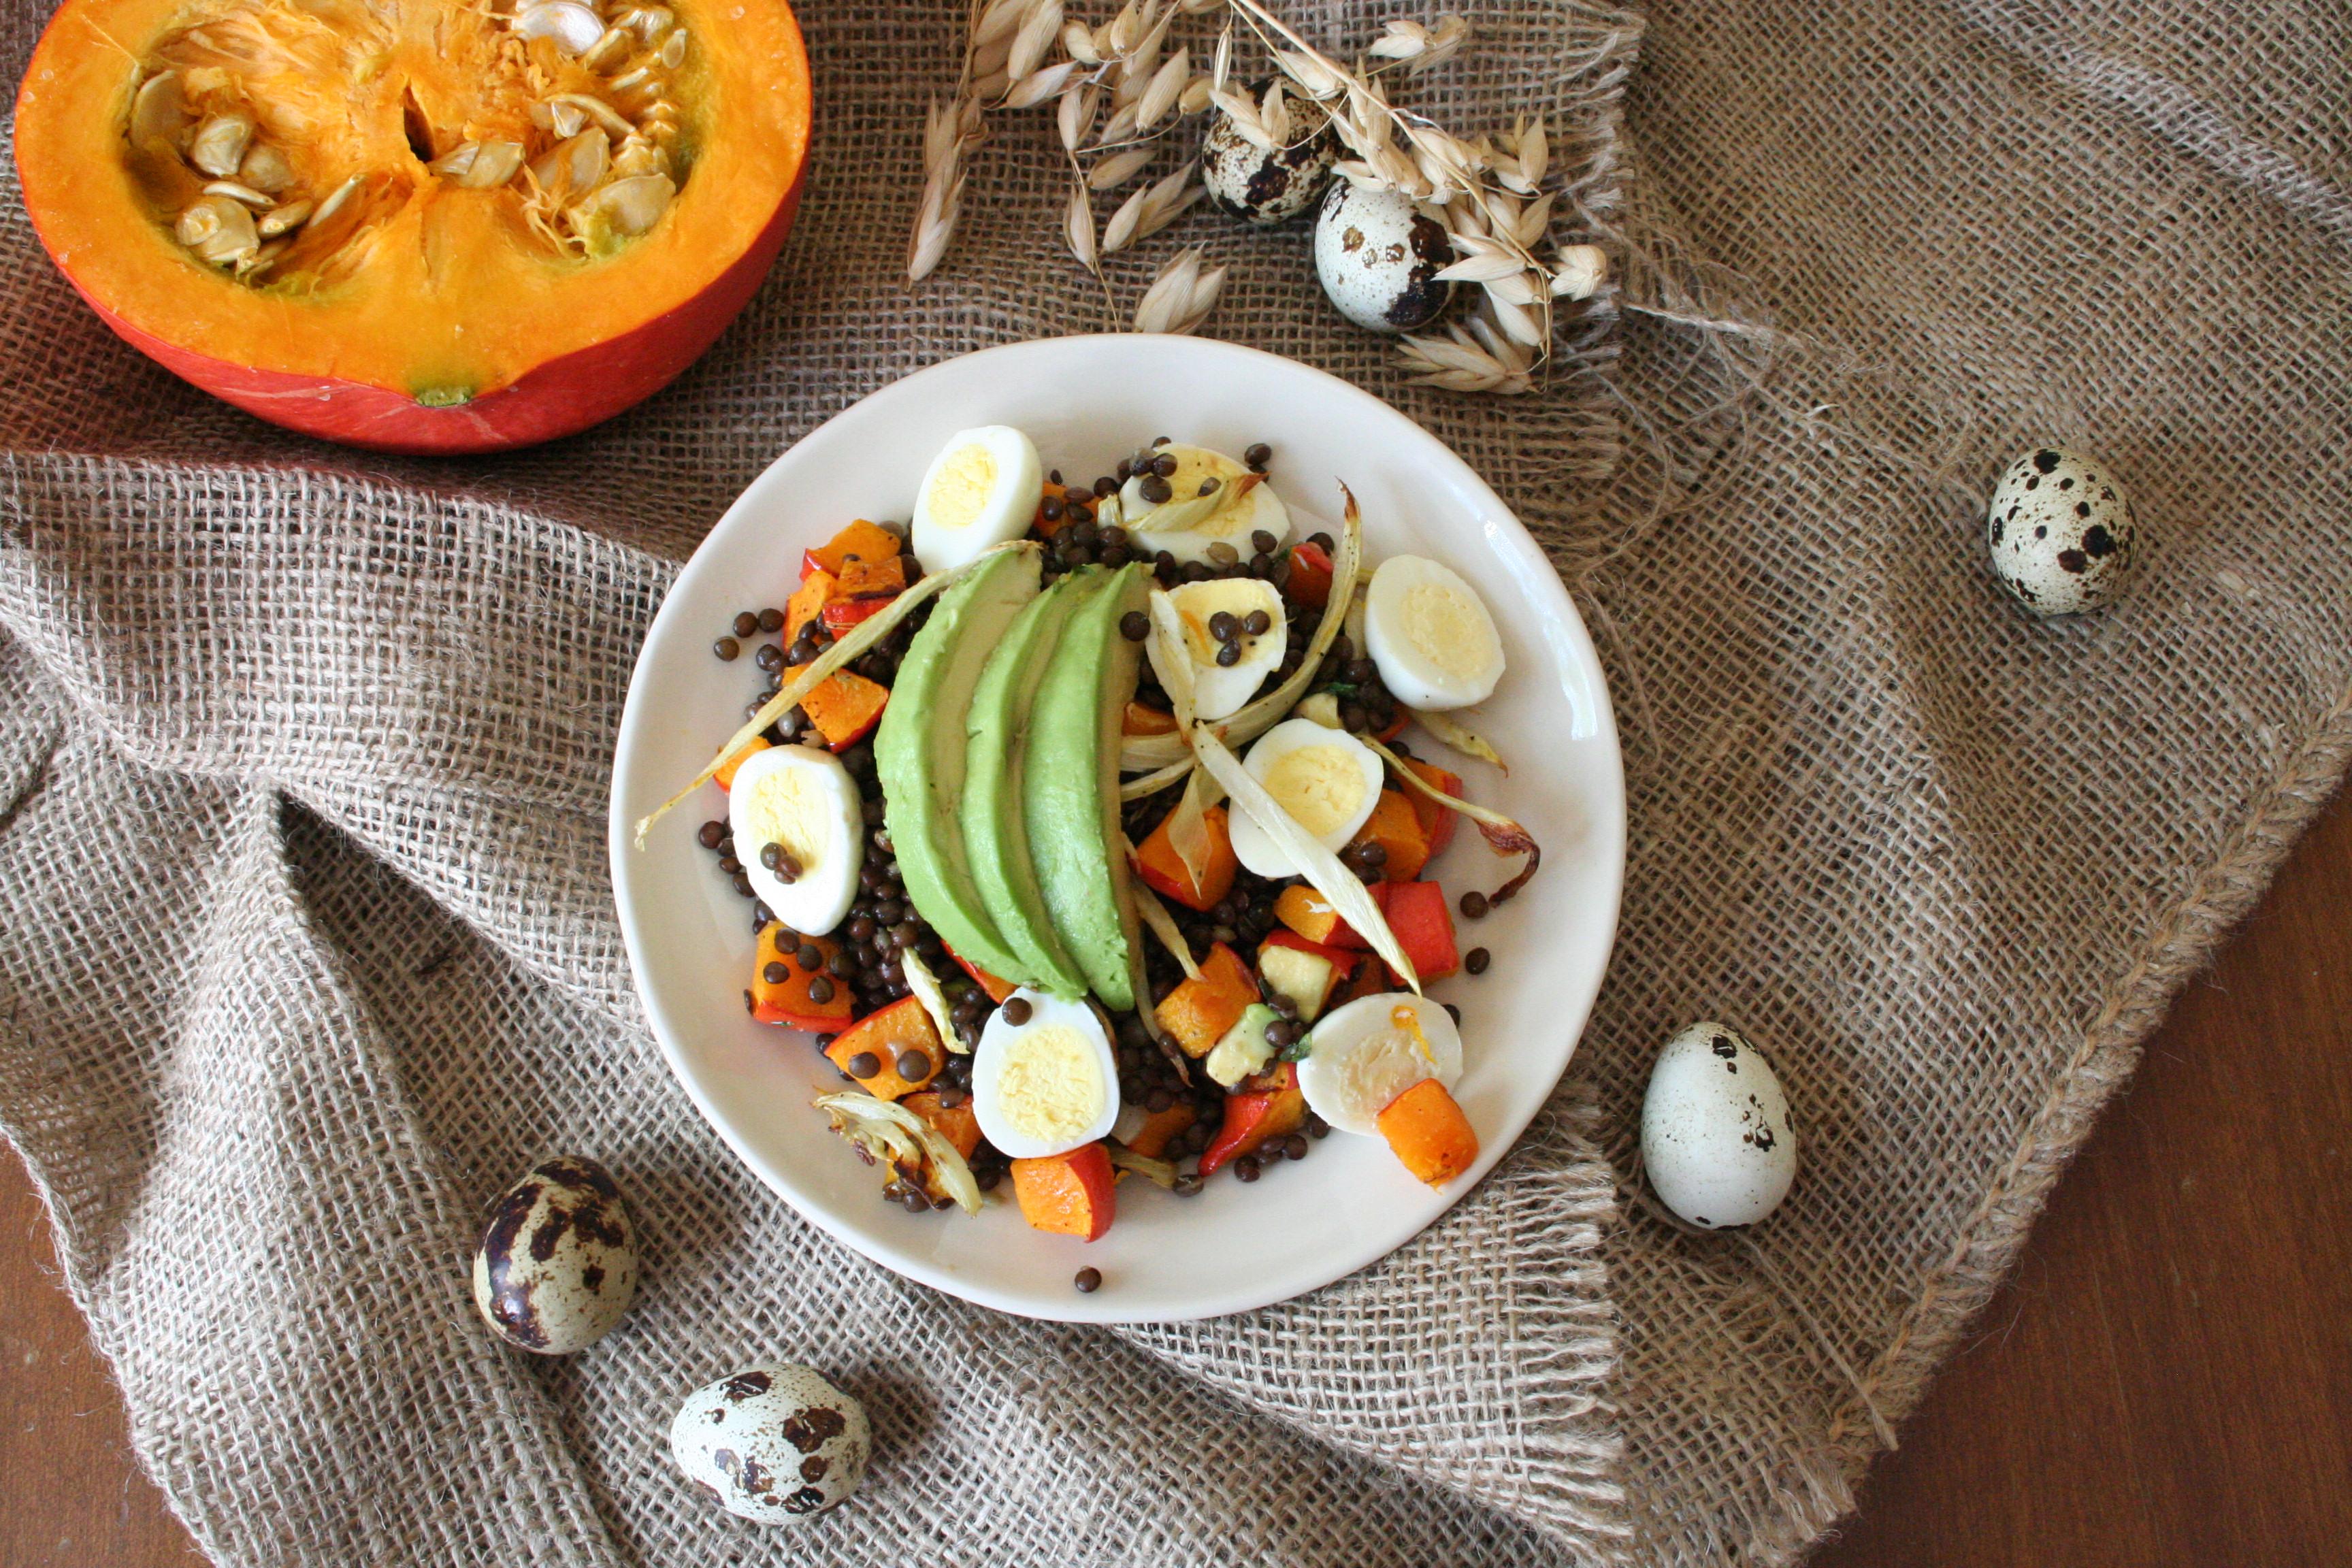 Salát z čočky belugy s dýní, fenyklem a křepelčími vejci